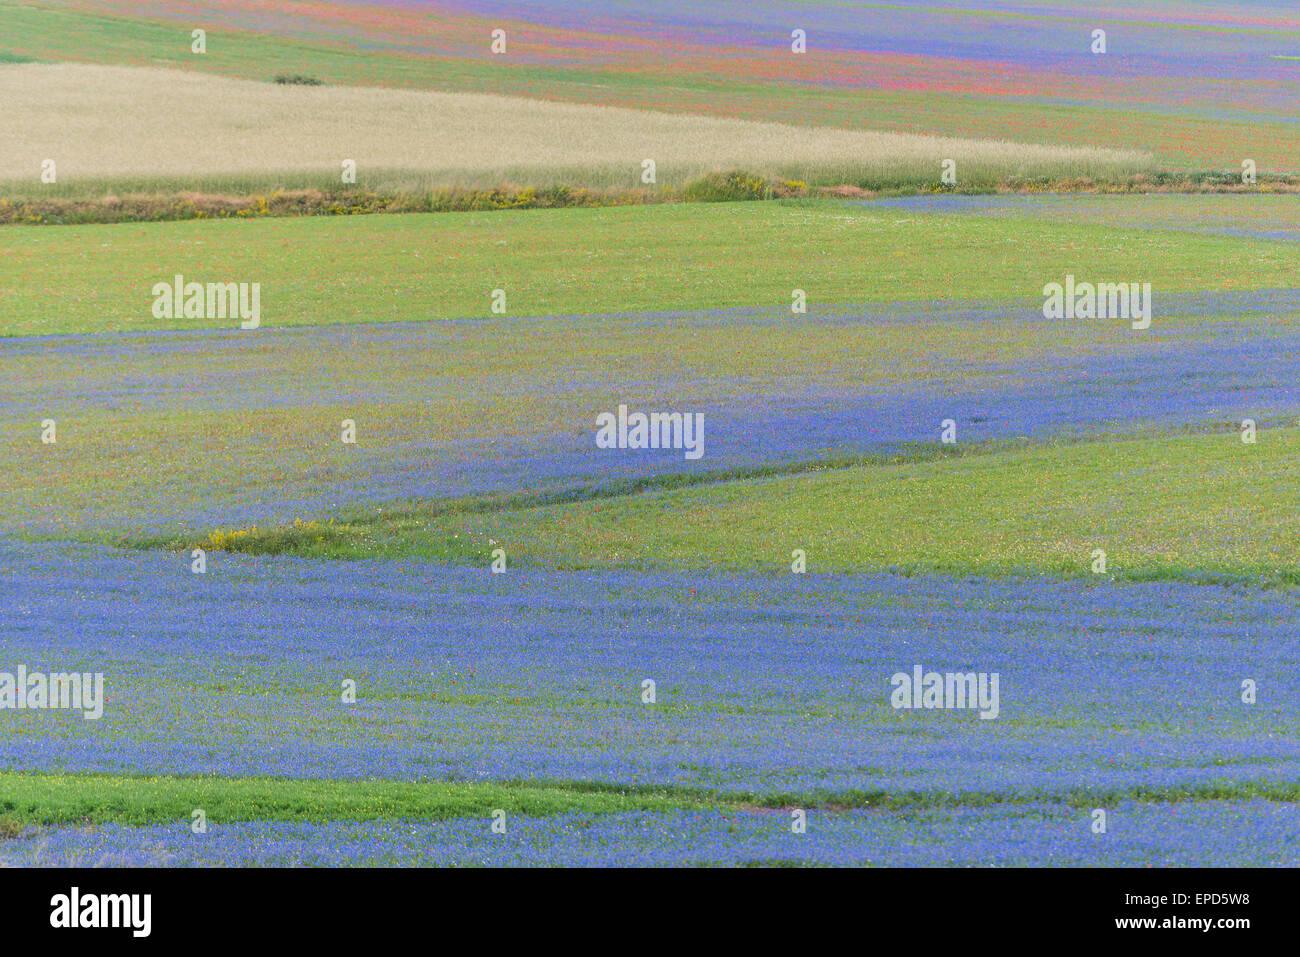 Colored fields in Piano Grande, Monti Sibillini NP, Umbria, Italy - Stock Image